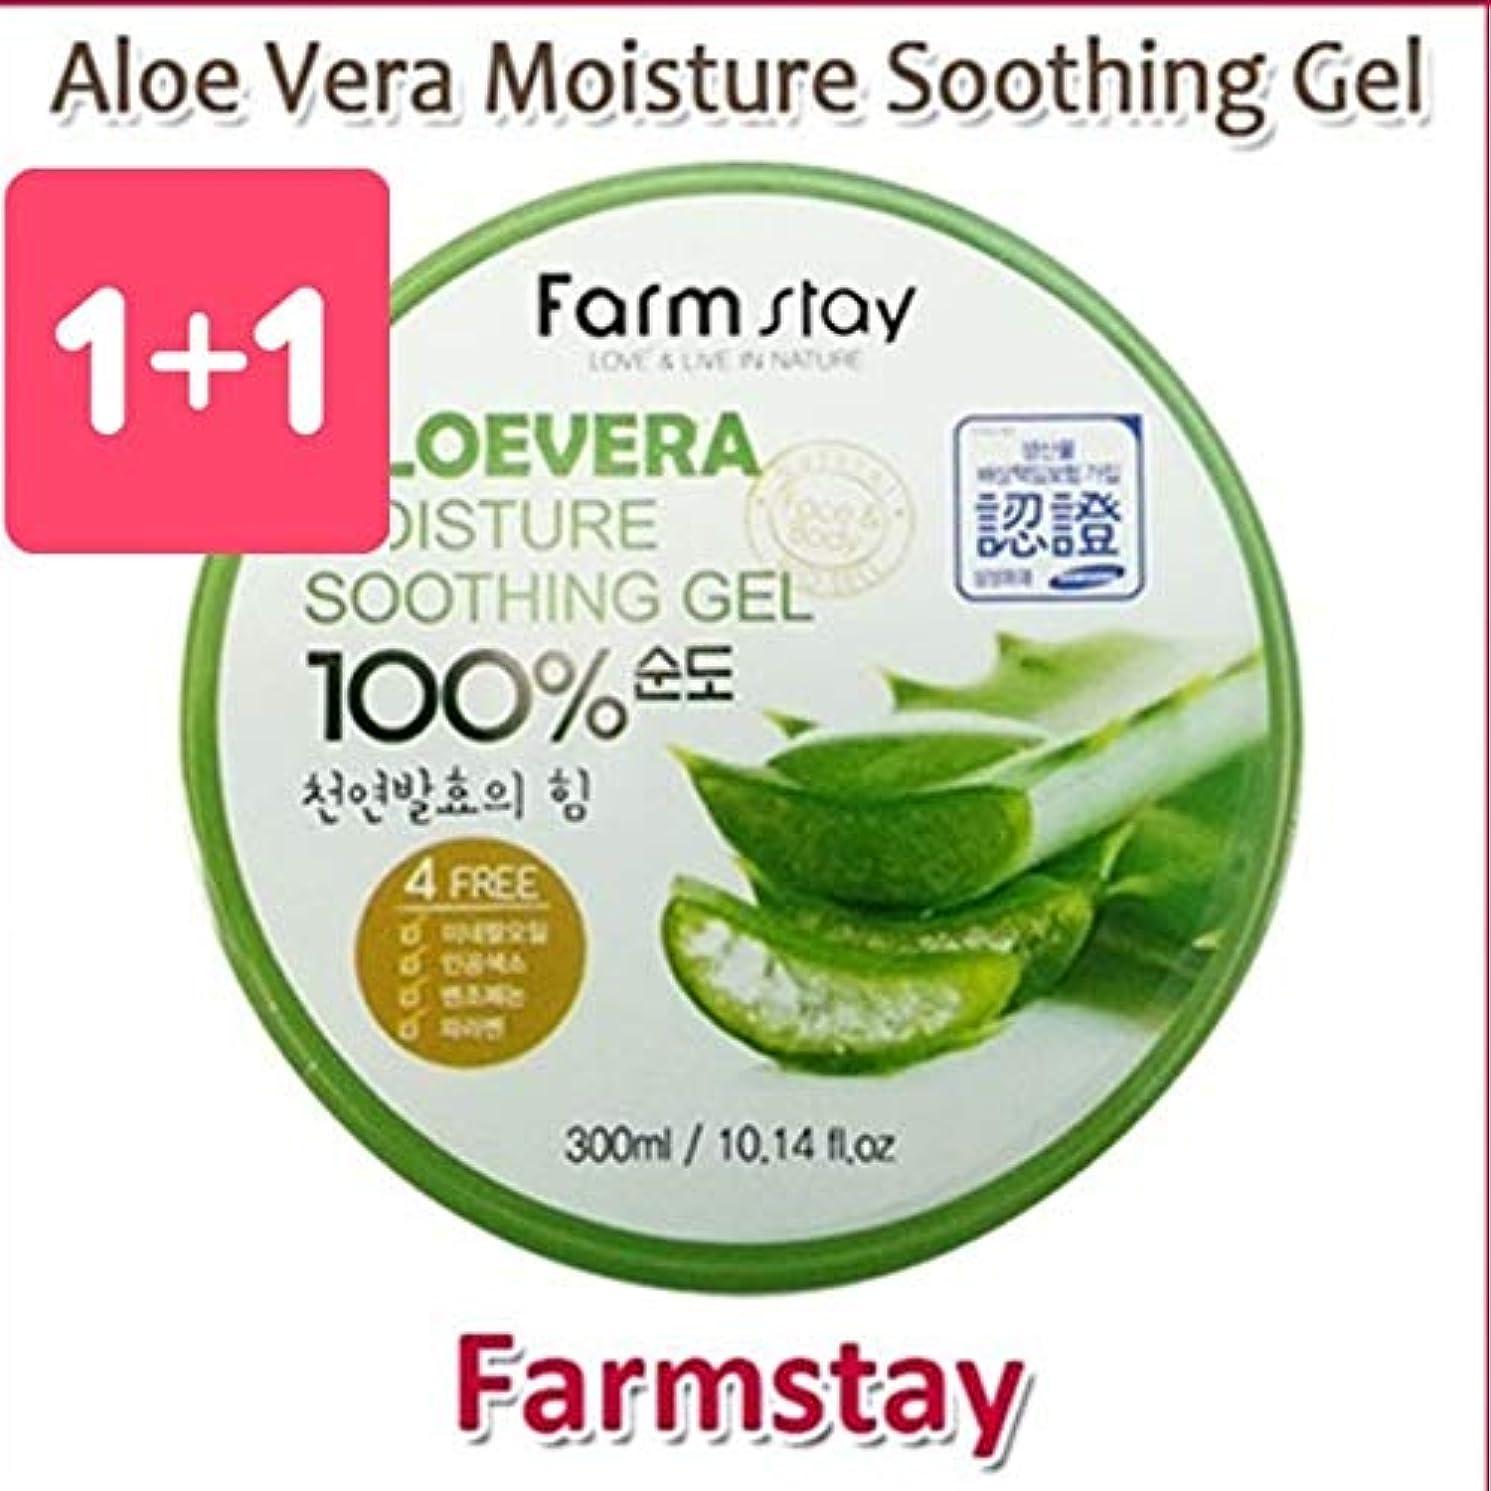 寝てるハーネスフィードバックFarm Stay Aloe Vera Moisture Soothing Gel 300ml 1+1 Big Sale/オーガニック アロエベラゲル 100%/保湿ケア/韓国コスメ/Aloe Vera 100% /Moisturizing...